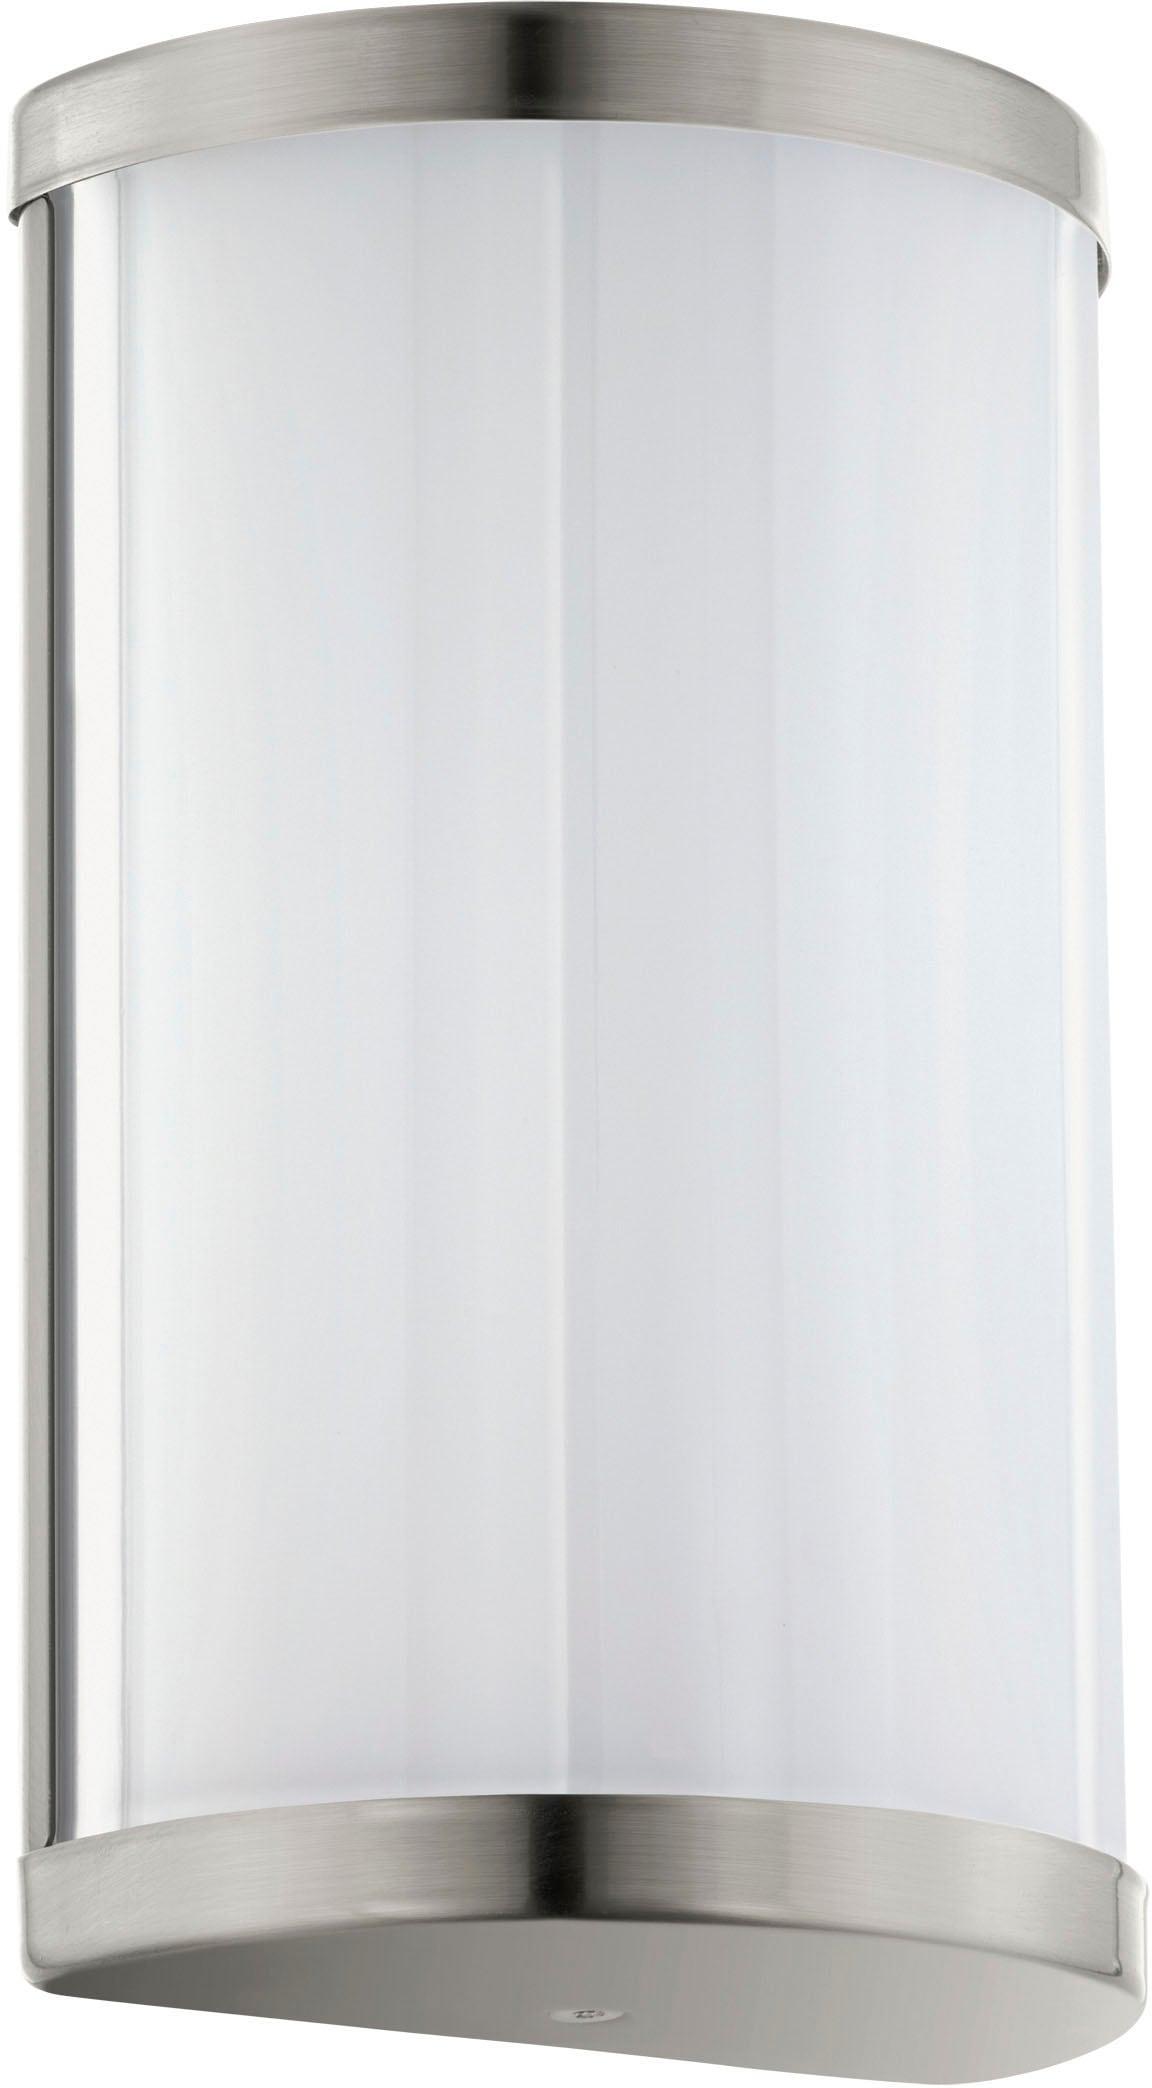 EGLO Wandleuchte CUPELLA, LED-Board, Warmweiß